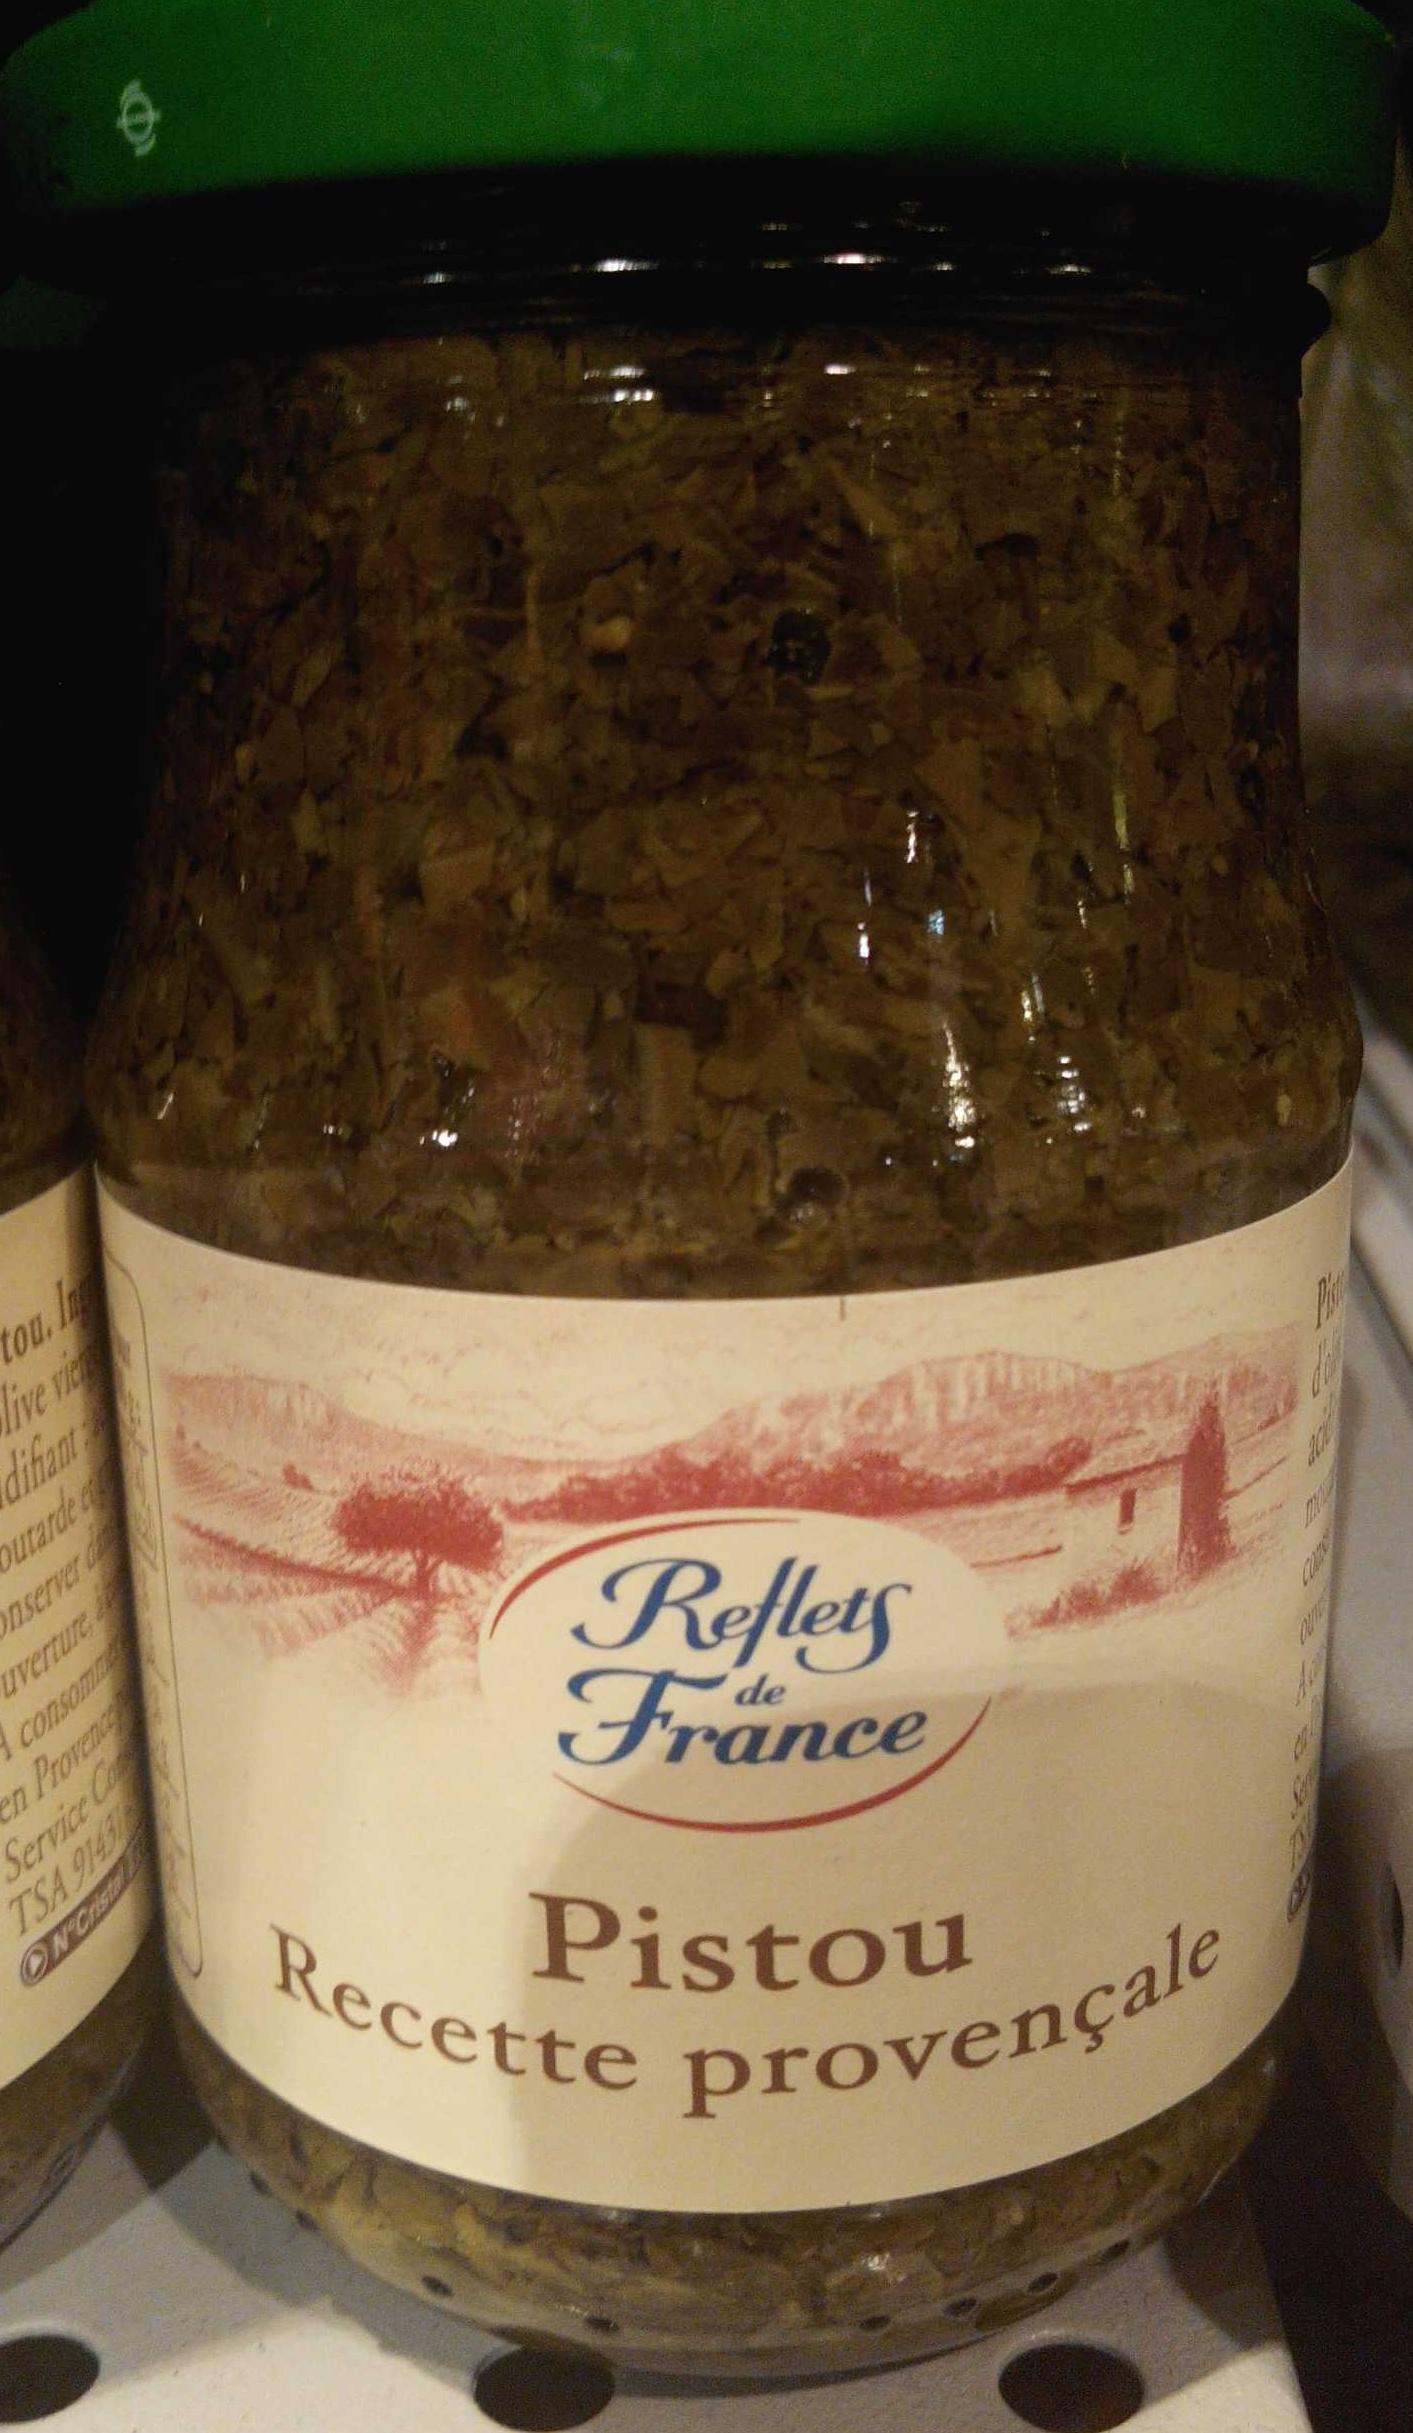 Pistou Recette provençale - Product